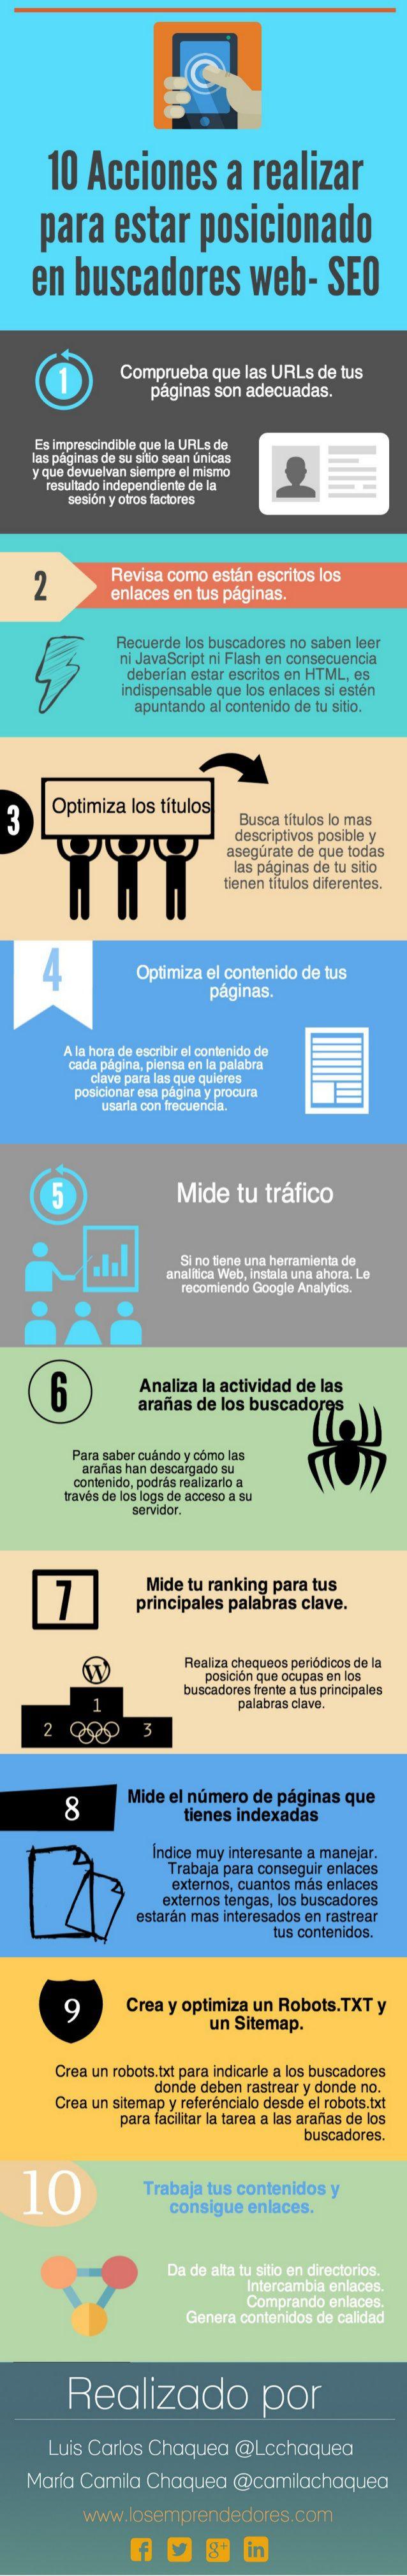 10 acciones a realizar para estar posicionado en buscadores web-SEO